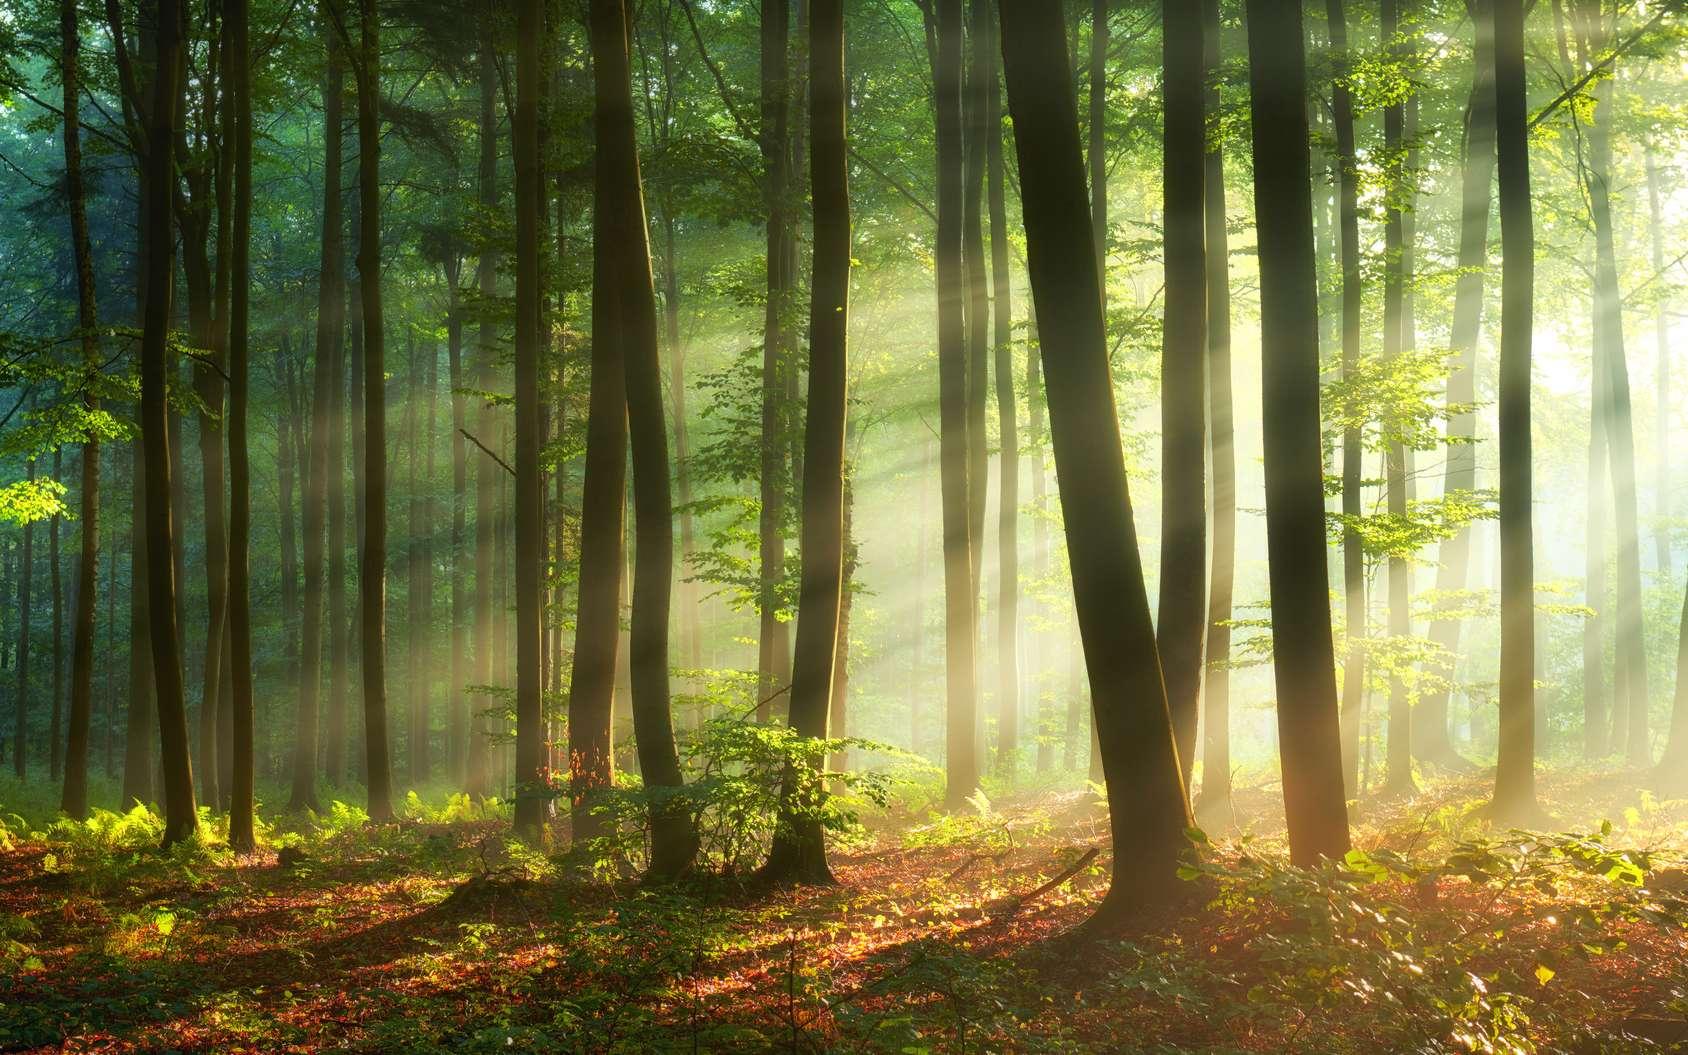 Les arbres contribuent largement à combattre le réchauffement climatique, pourtant plus de 40 % des espèces d'arbres sont menacées d'extinction. © Kwasny221, Fotolia